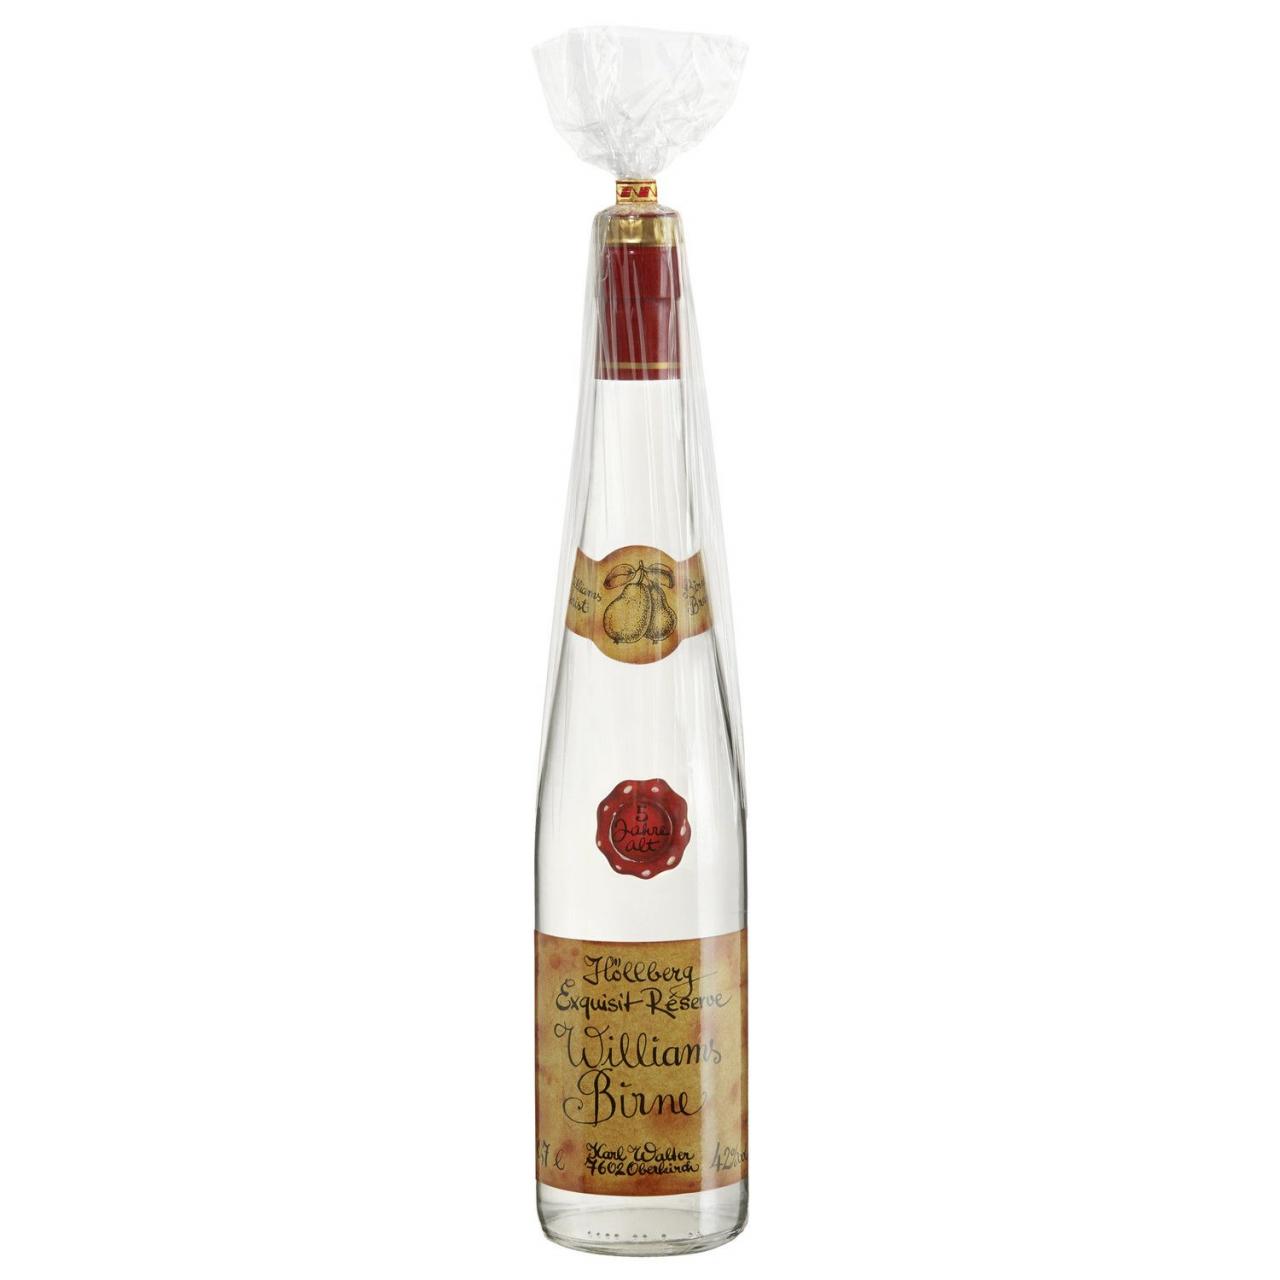 0,7 Liter Flasche Höllberg Williams Birne mit einem Alkoholgehalt von 42% vol.